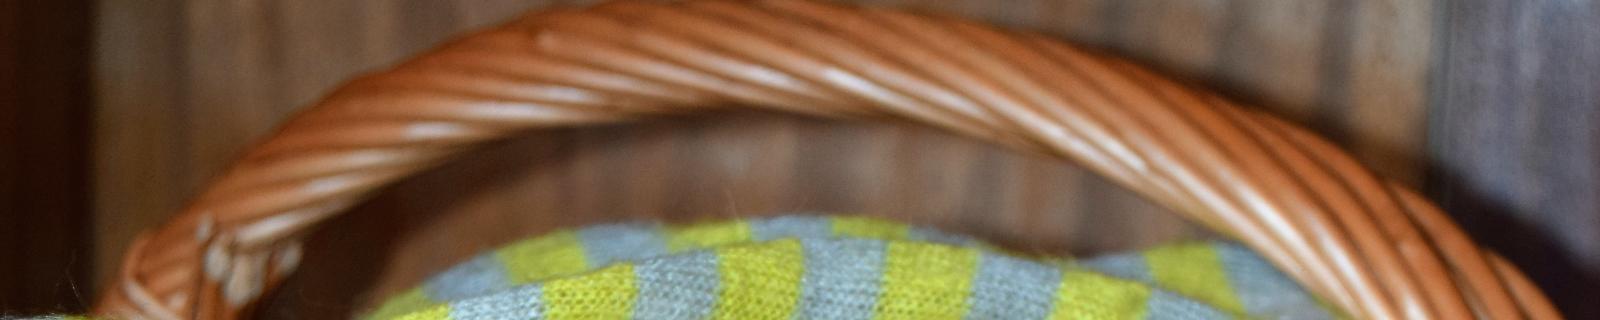 Ordena tu armario con preciosas cestas artesanales de mimbre y castaño